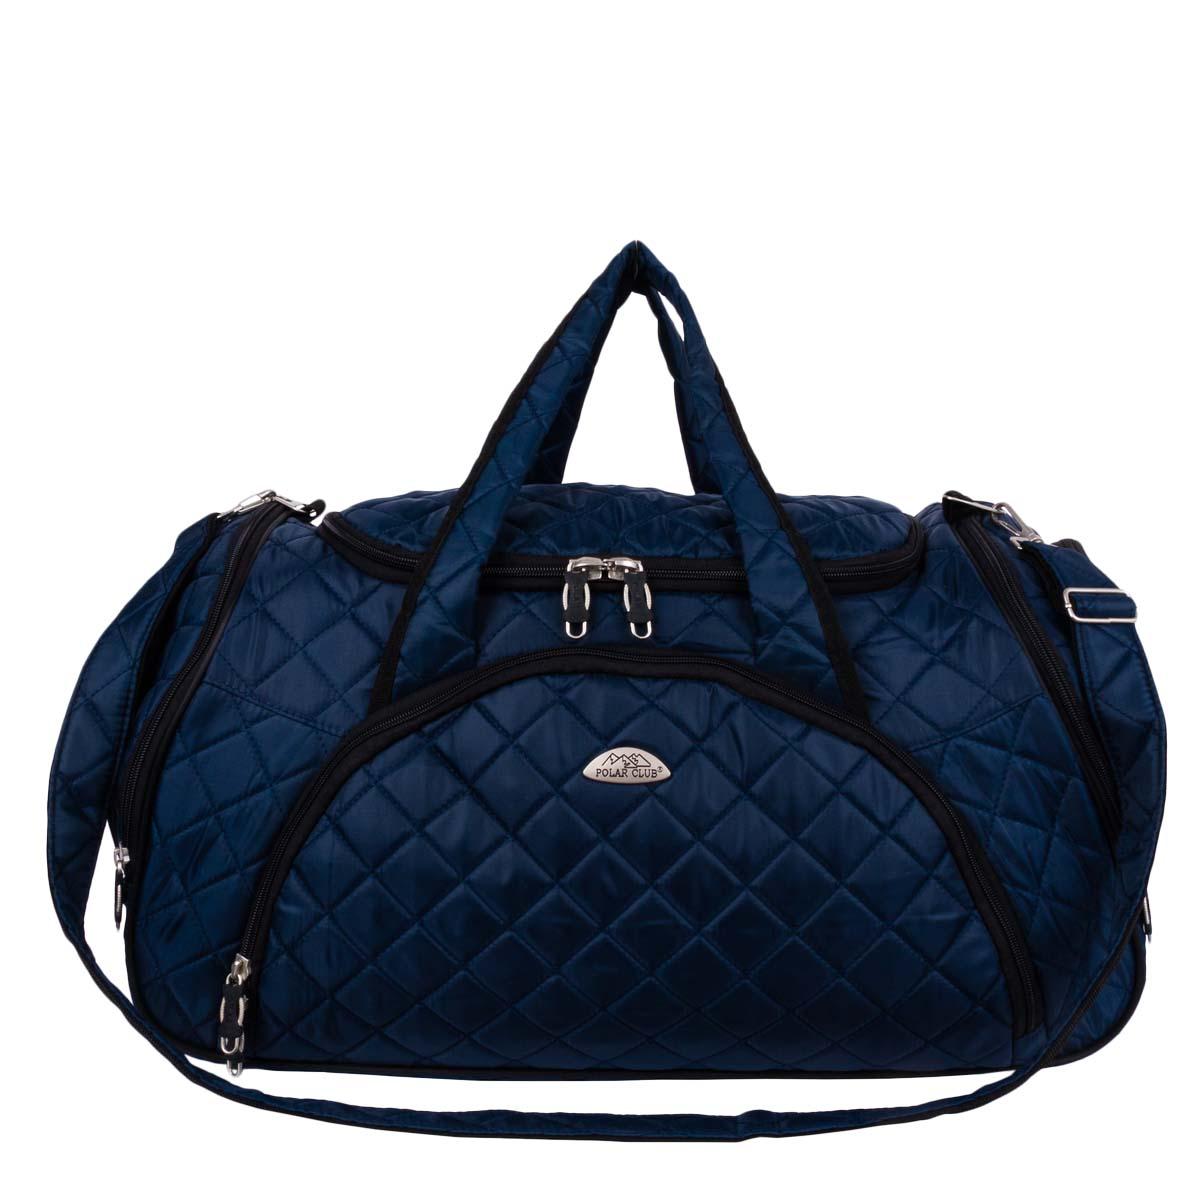 Сумка дорожная Polar, 35 л, цвет: синий. 70697069Вместительная и удобная дорожная сумка Polar . Основное отделение закрывается на молнию. Один из боковых карманов предназначен для обуви, мокрых вещей. Дополнительно снаружи большой карман на молнии спереди сумки и небольшие карманы по бокам. Сумка имеет мягкую конструкцию. В комплекте регулируемый съемный плечевой ремень.